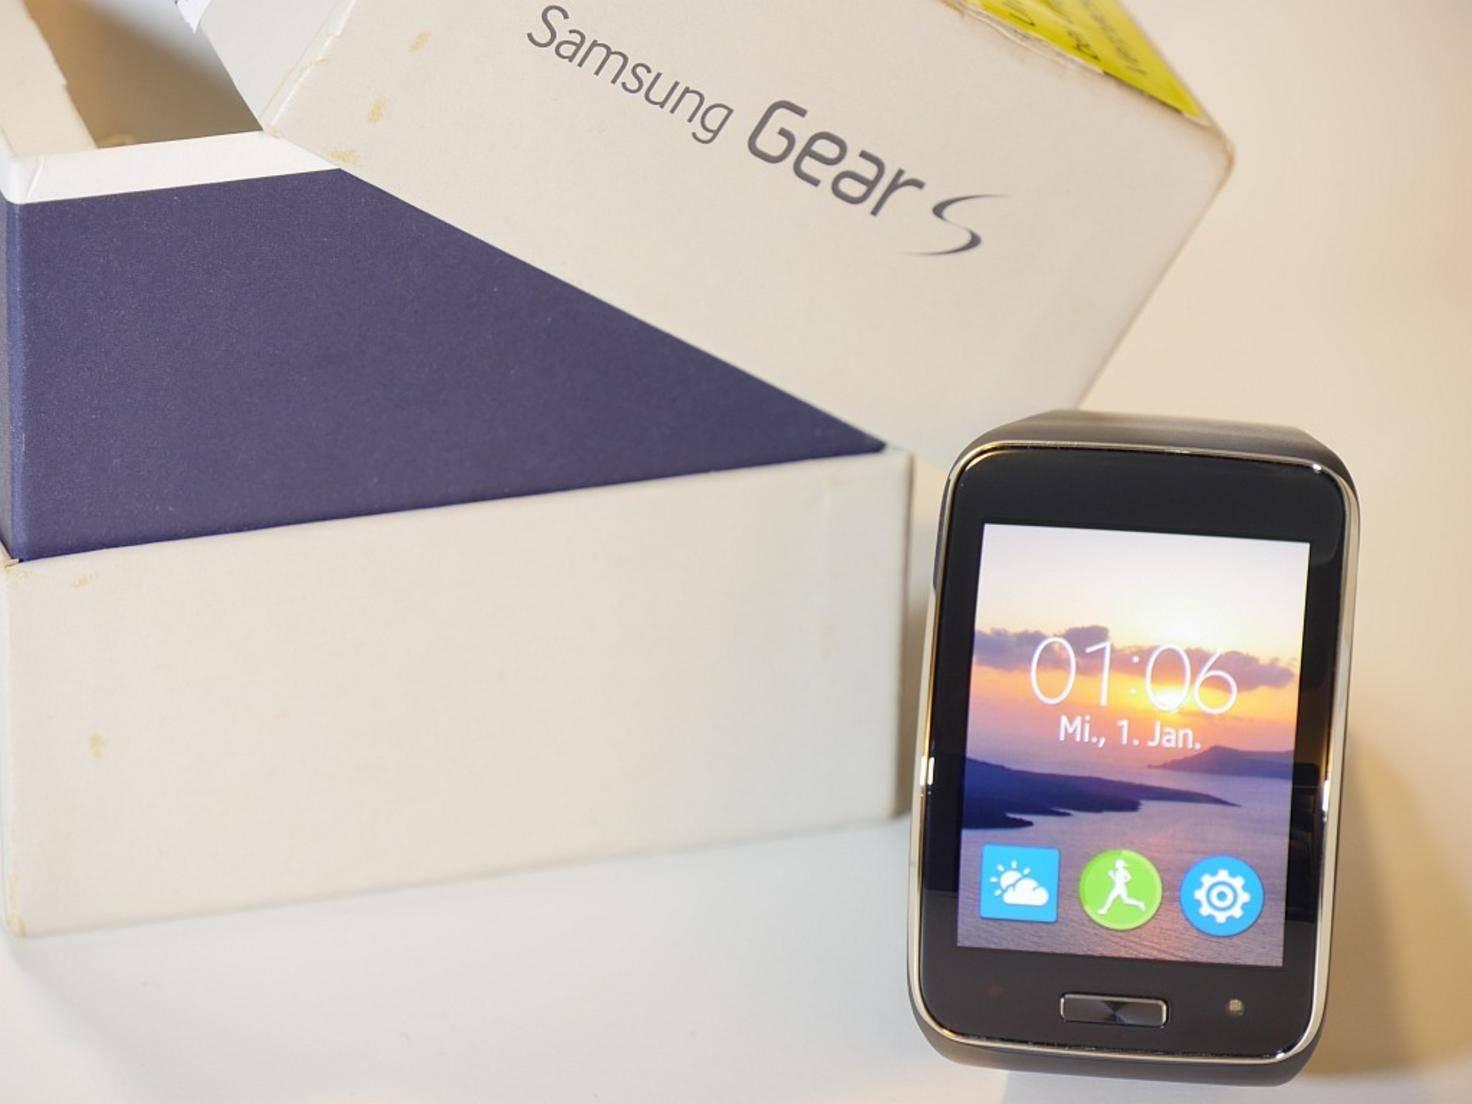 Der Startbildschirm kann wie bei einem Handy mit eigenen Bildern gestaltet werden.